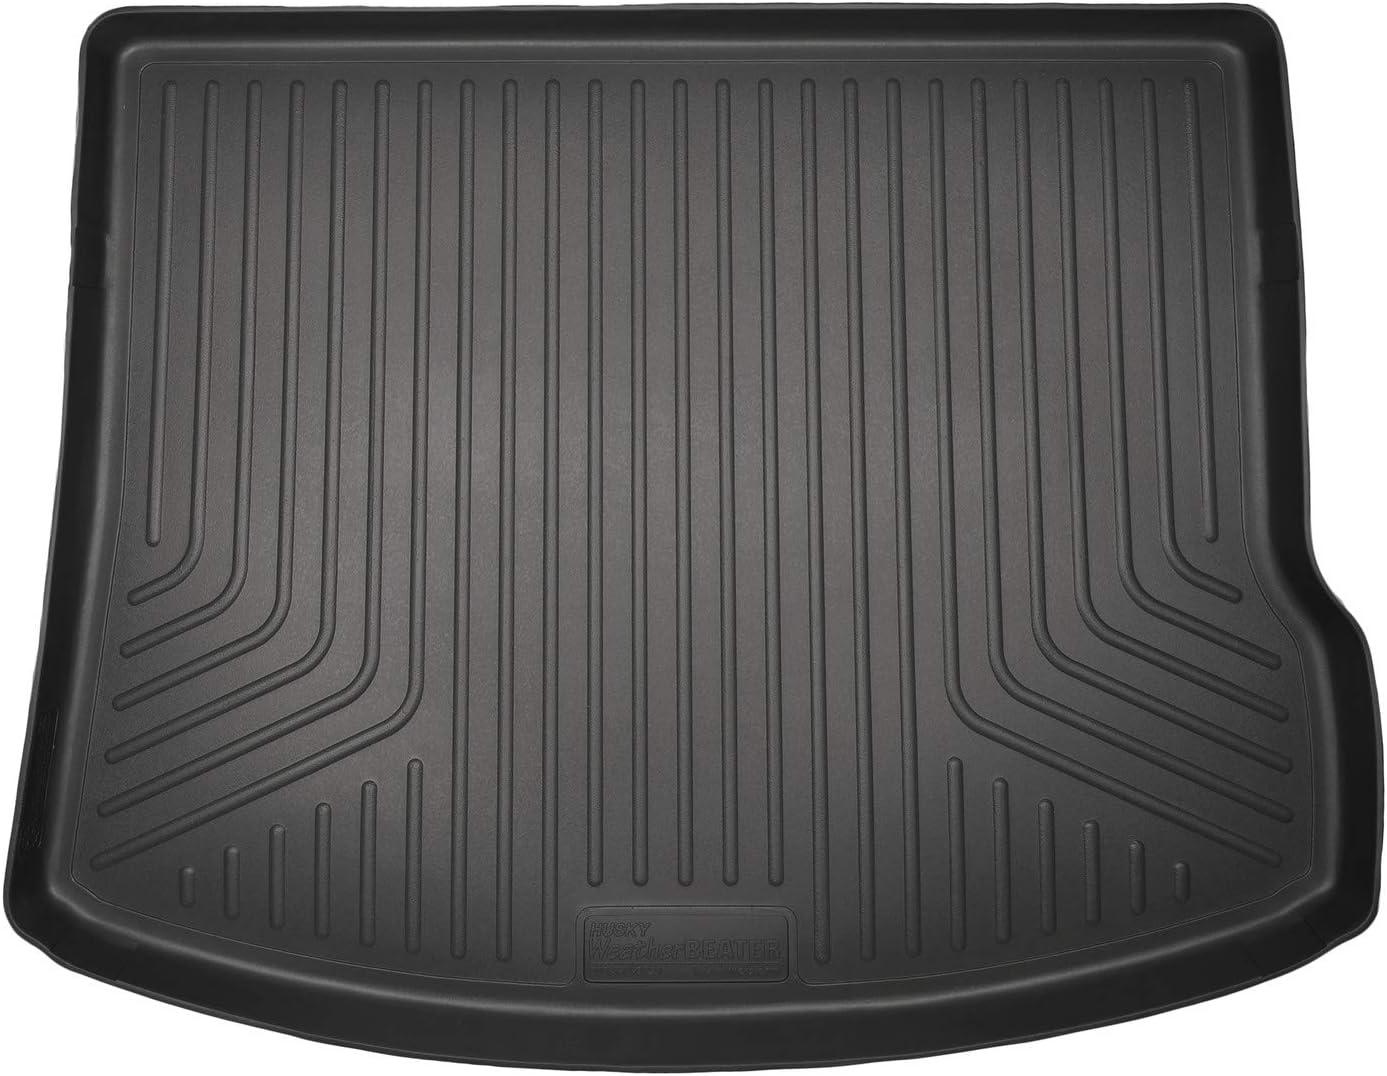 Husky Liners Fits 2014-18 Mazda 3 Hatchback Trunk Liner,48651,Black